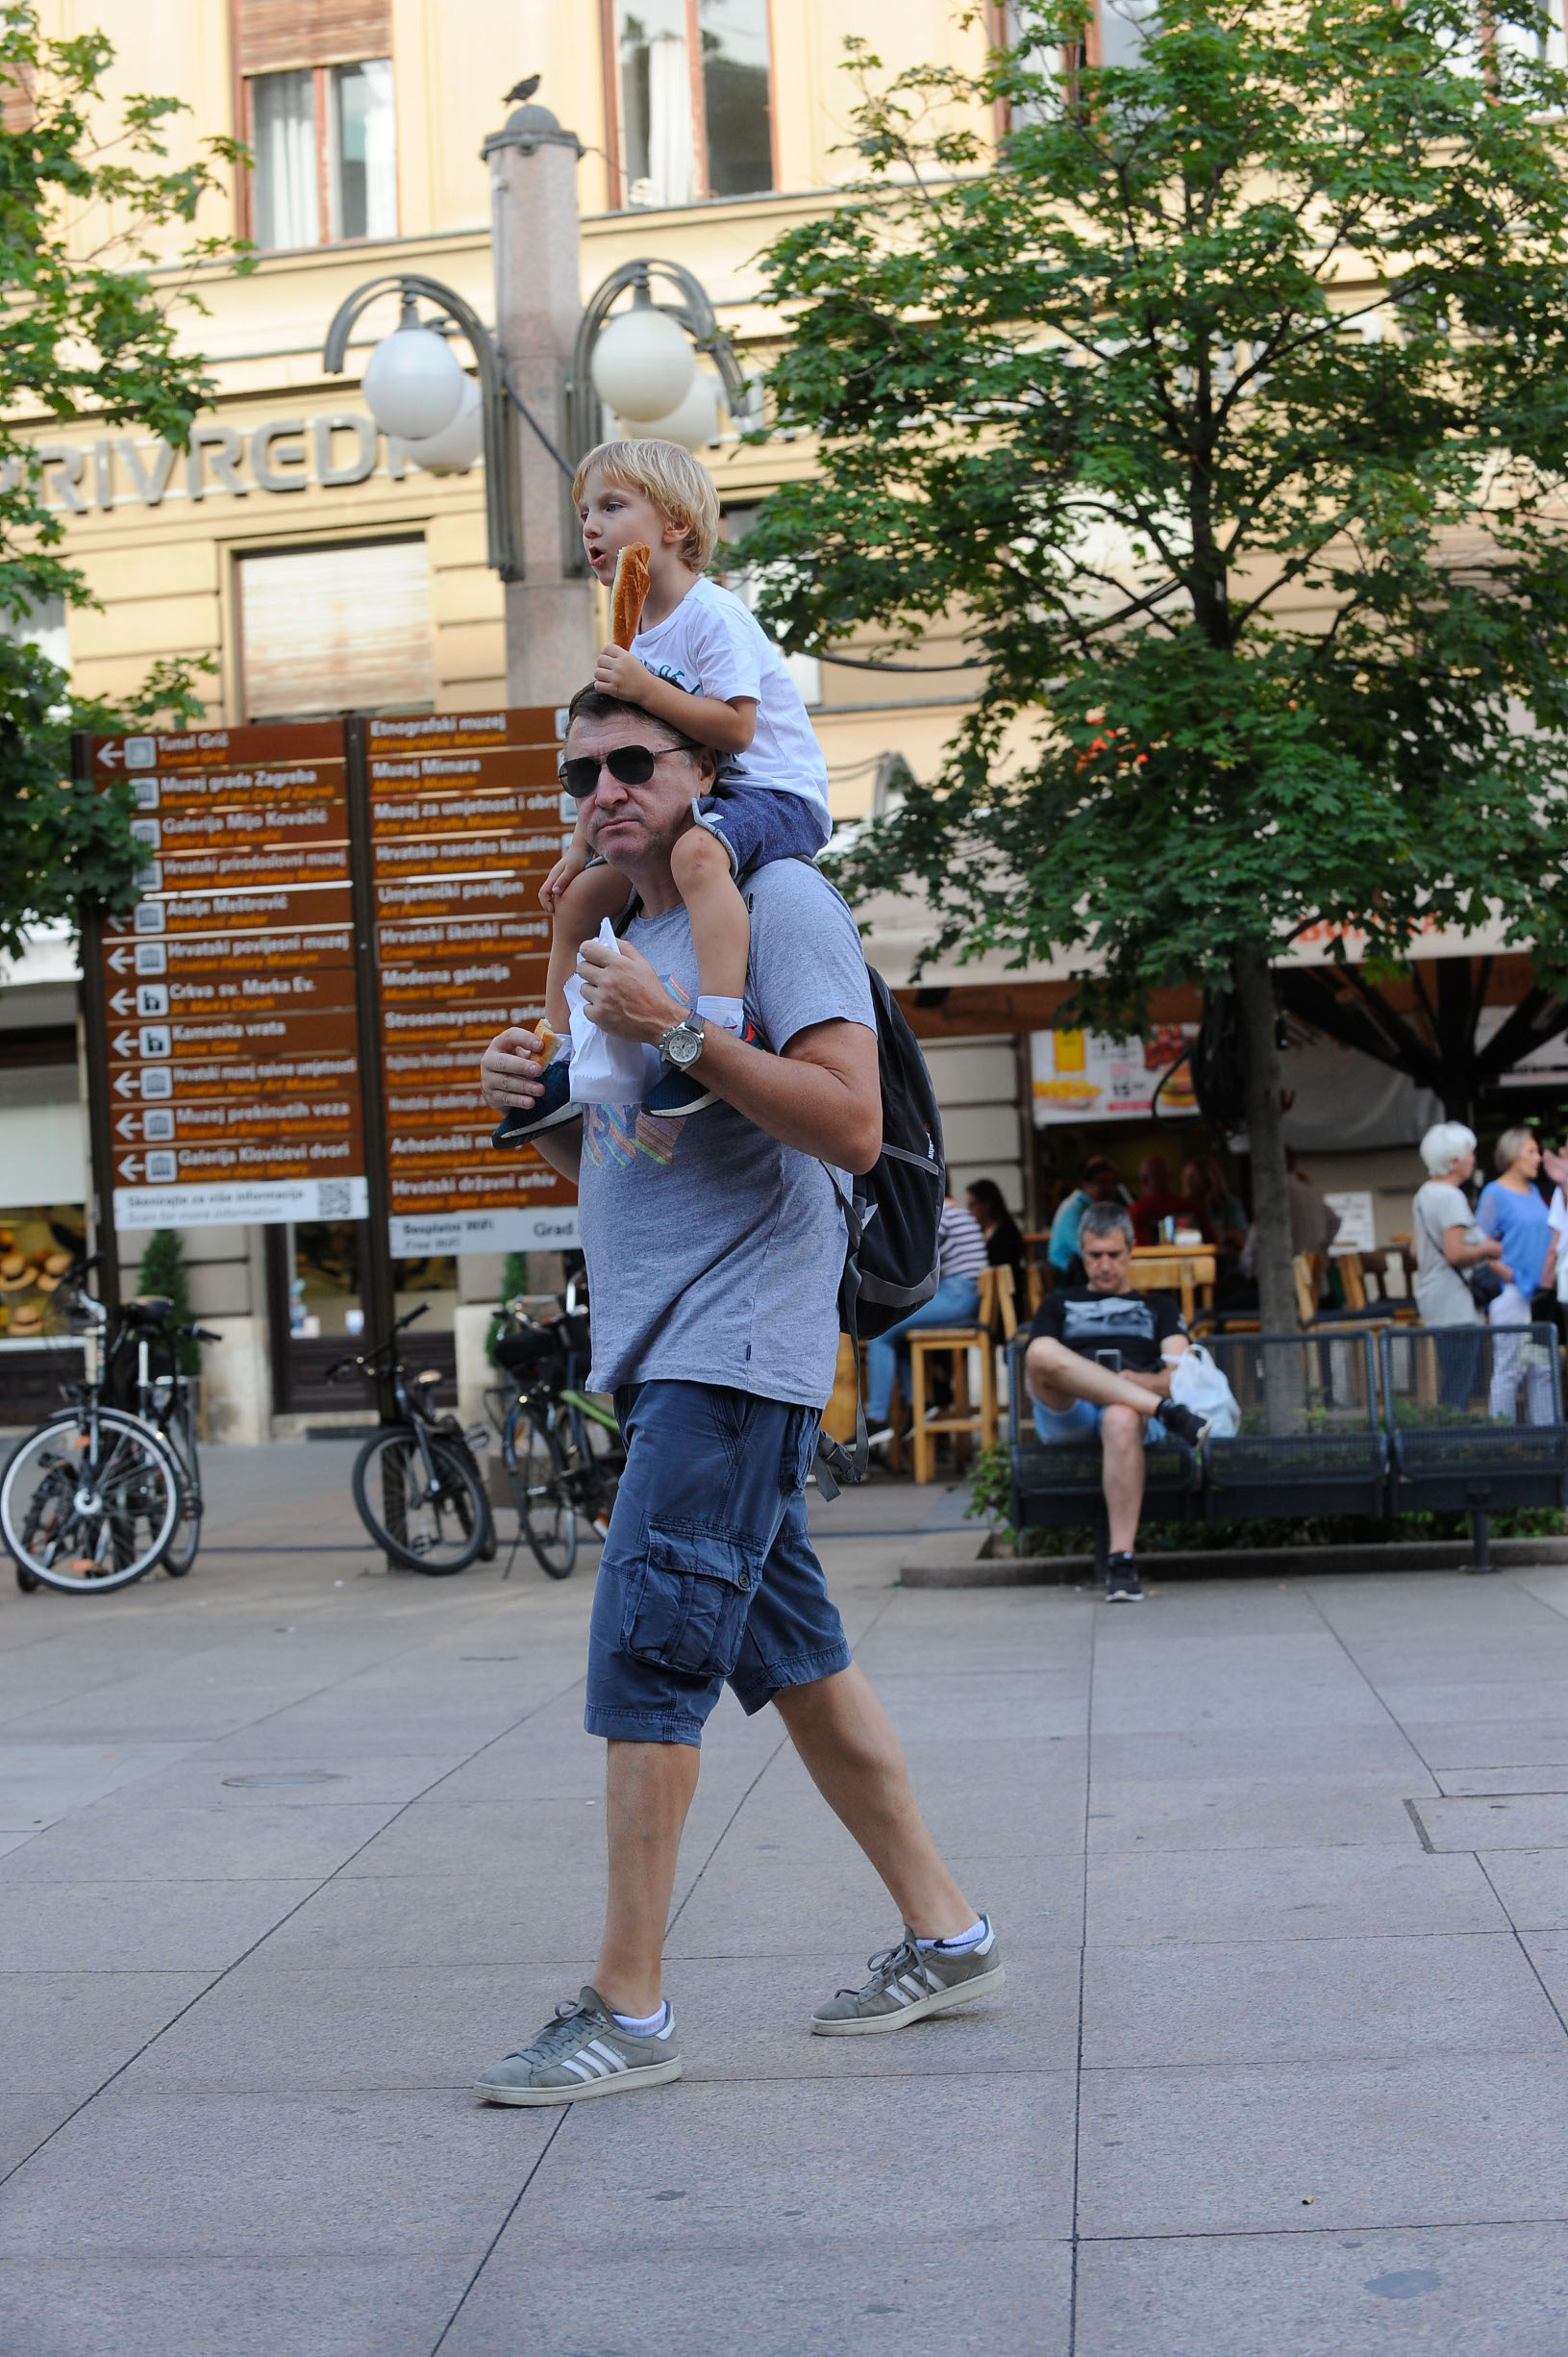 Spica / Zagreb 11.07.2019. / foto: Davor Matota / Hrvoje Salkovic i sin Ivan Marat